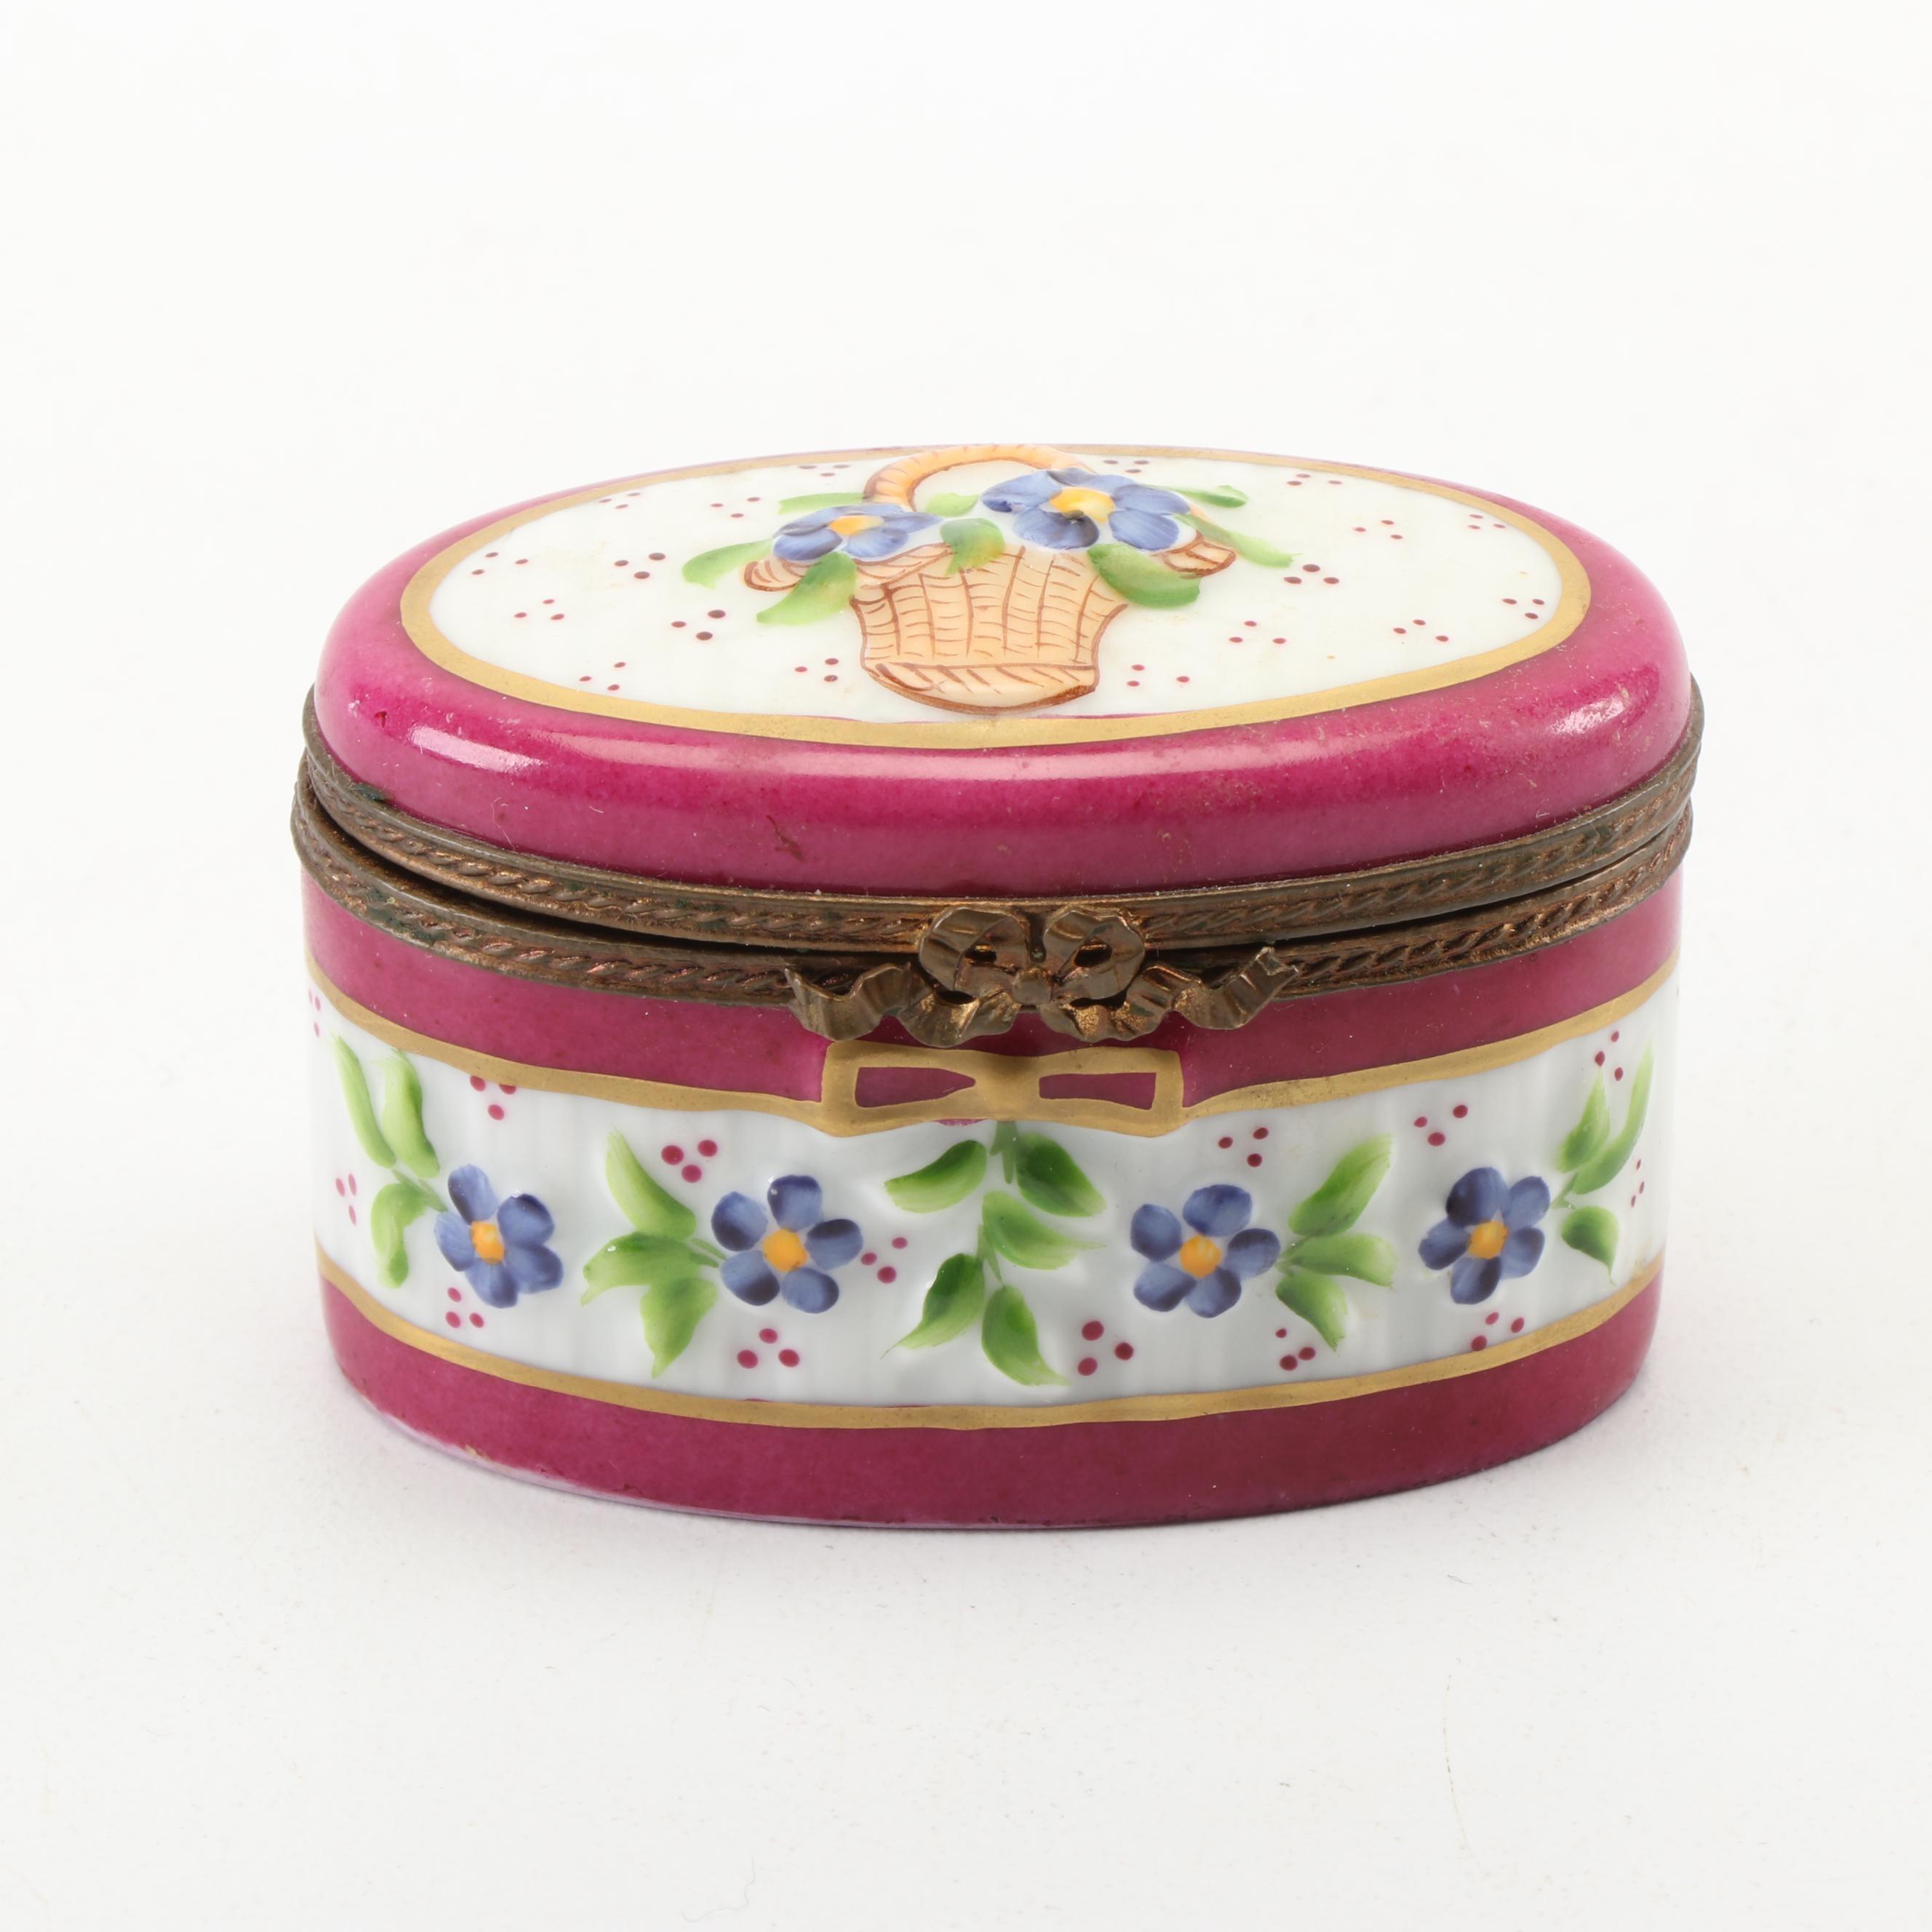 French Accents Limoges Flower Basket Porcelain Trinket Box